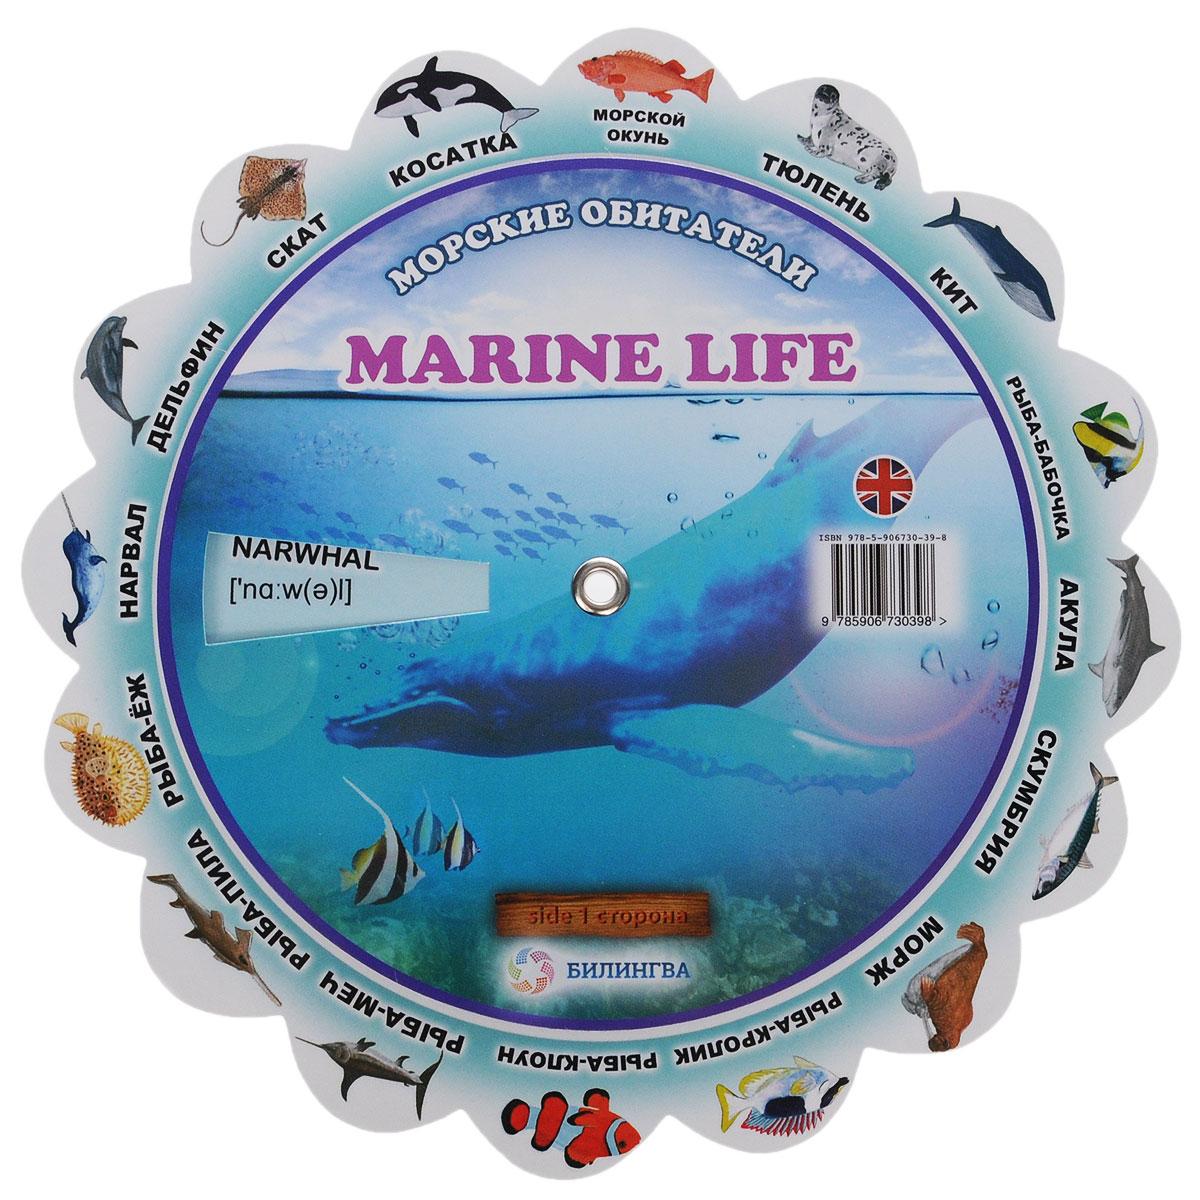 Marine Life / Морские обитатели. Иллюстрированный тематический словарь